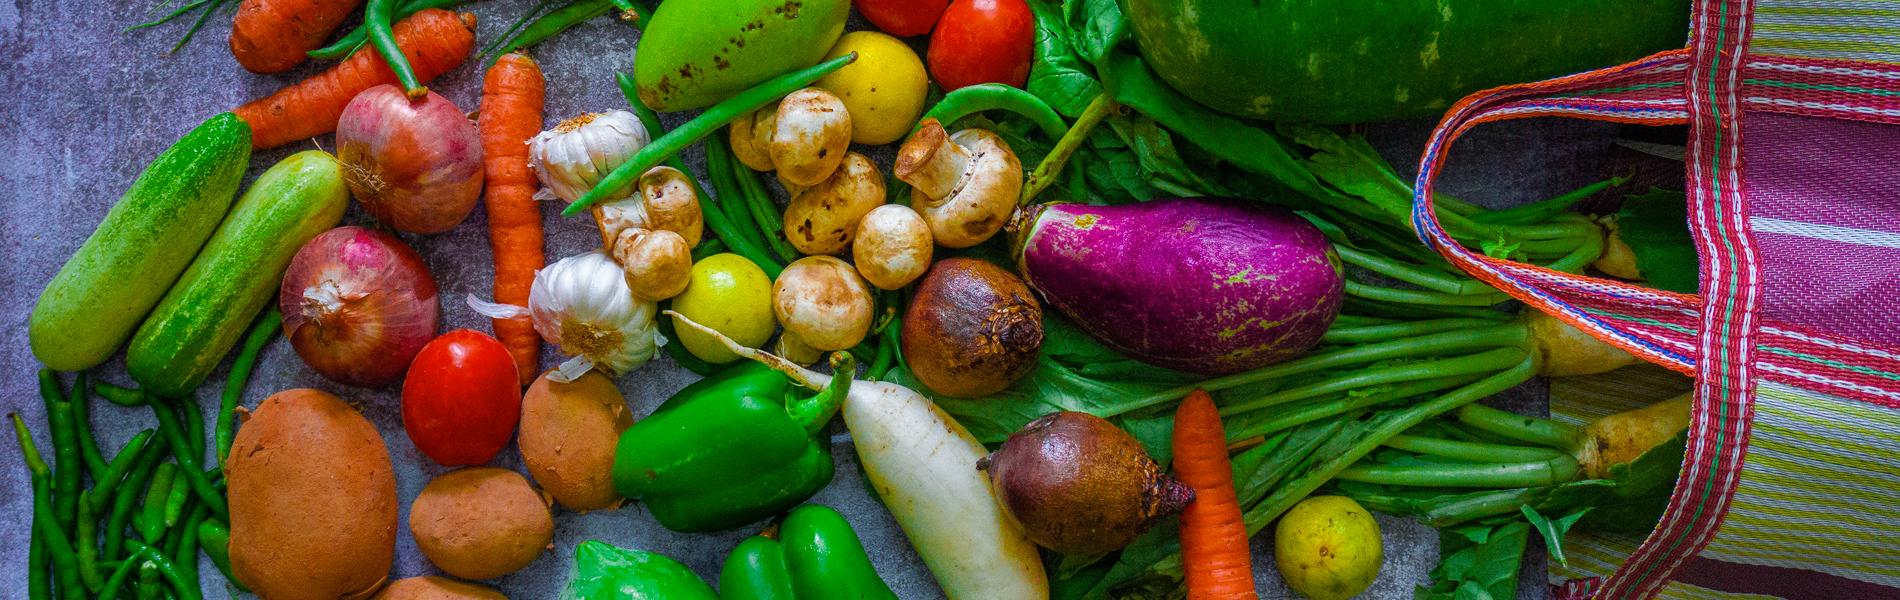 vários legumes e verduras em cima de uma mesa